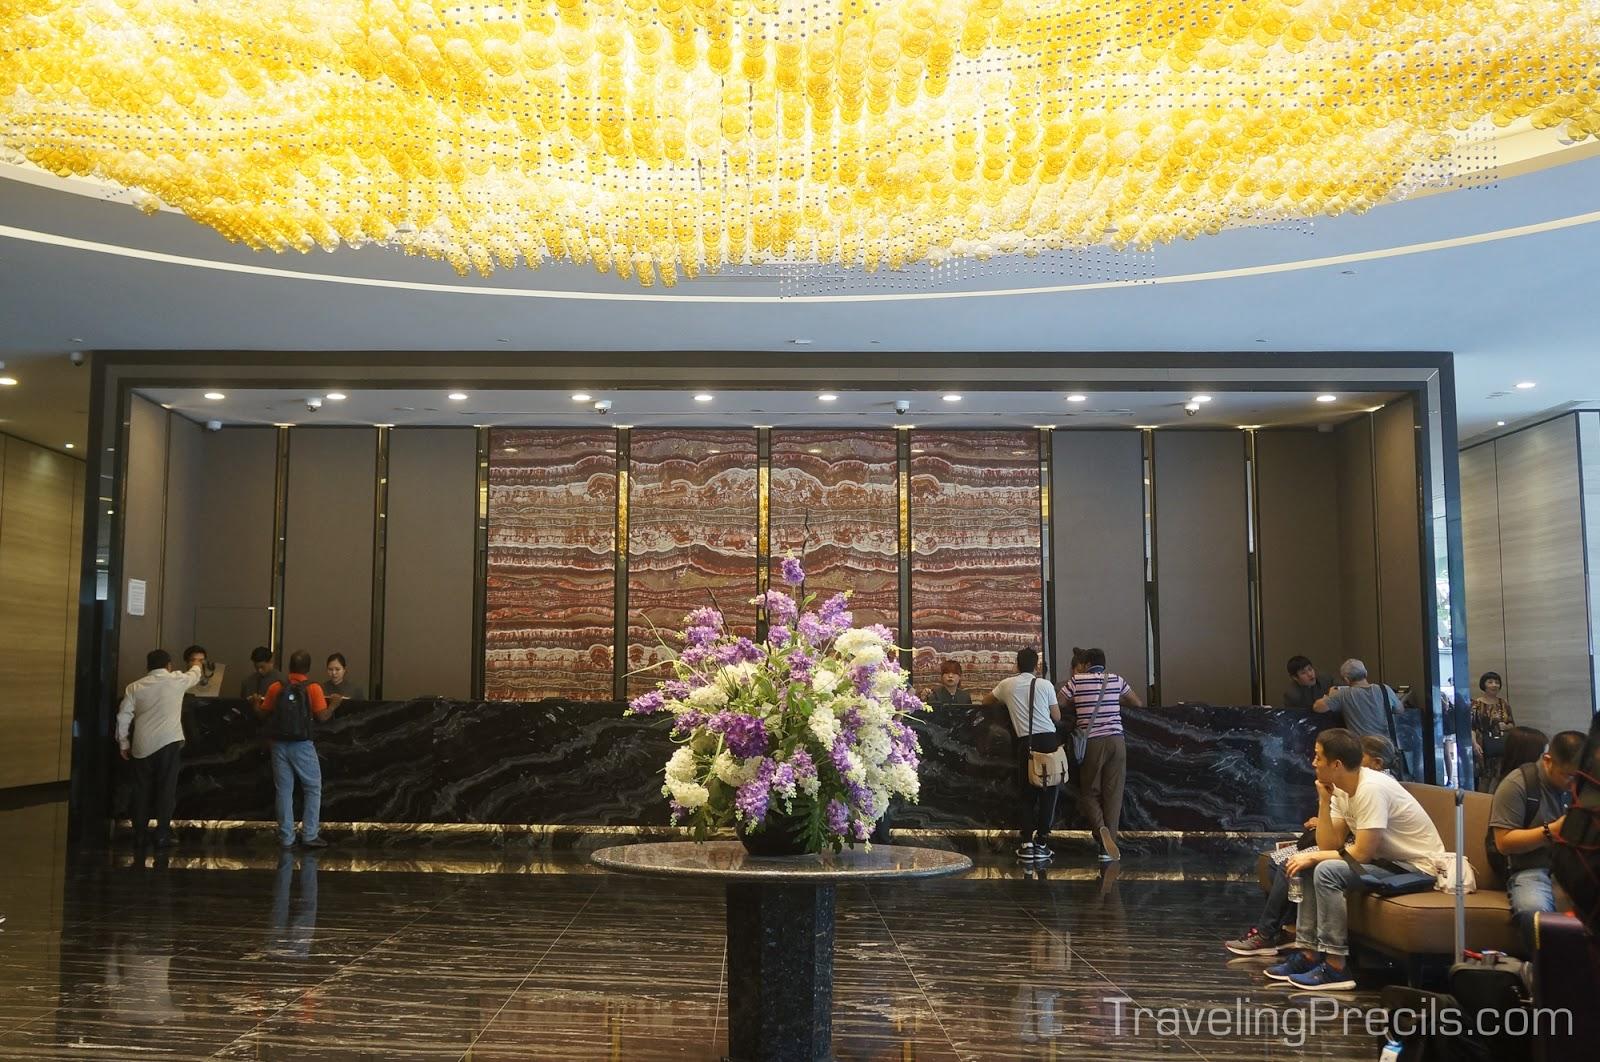 Boss Singapura Hotel Dengan Sarapan Halal